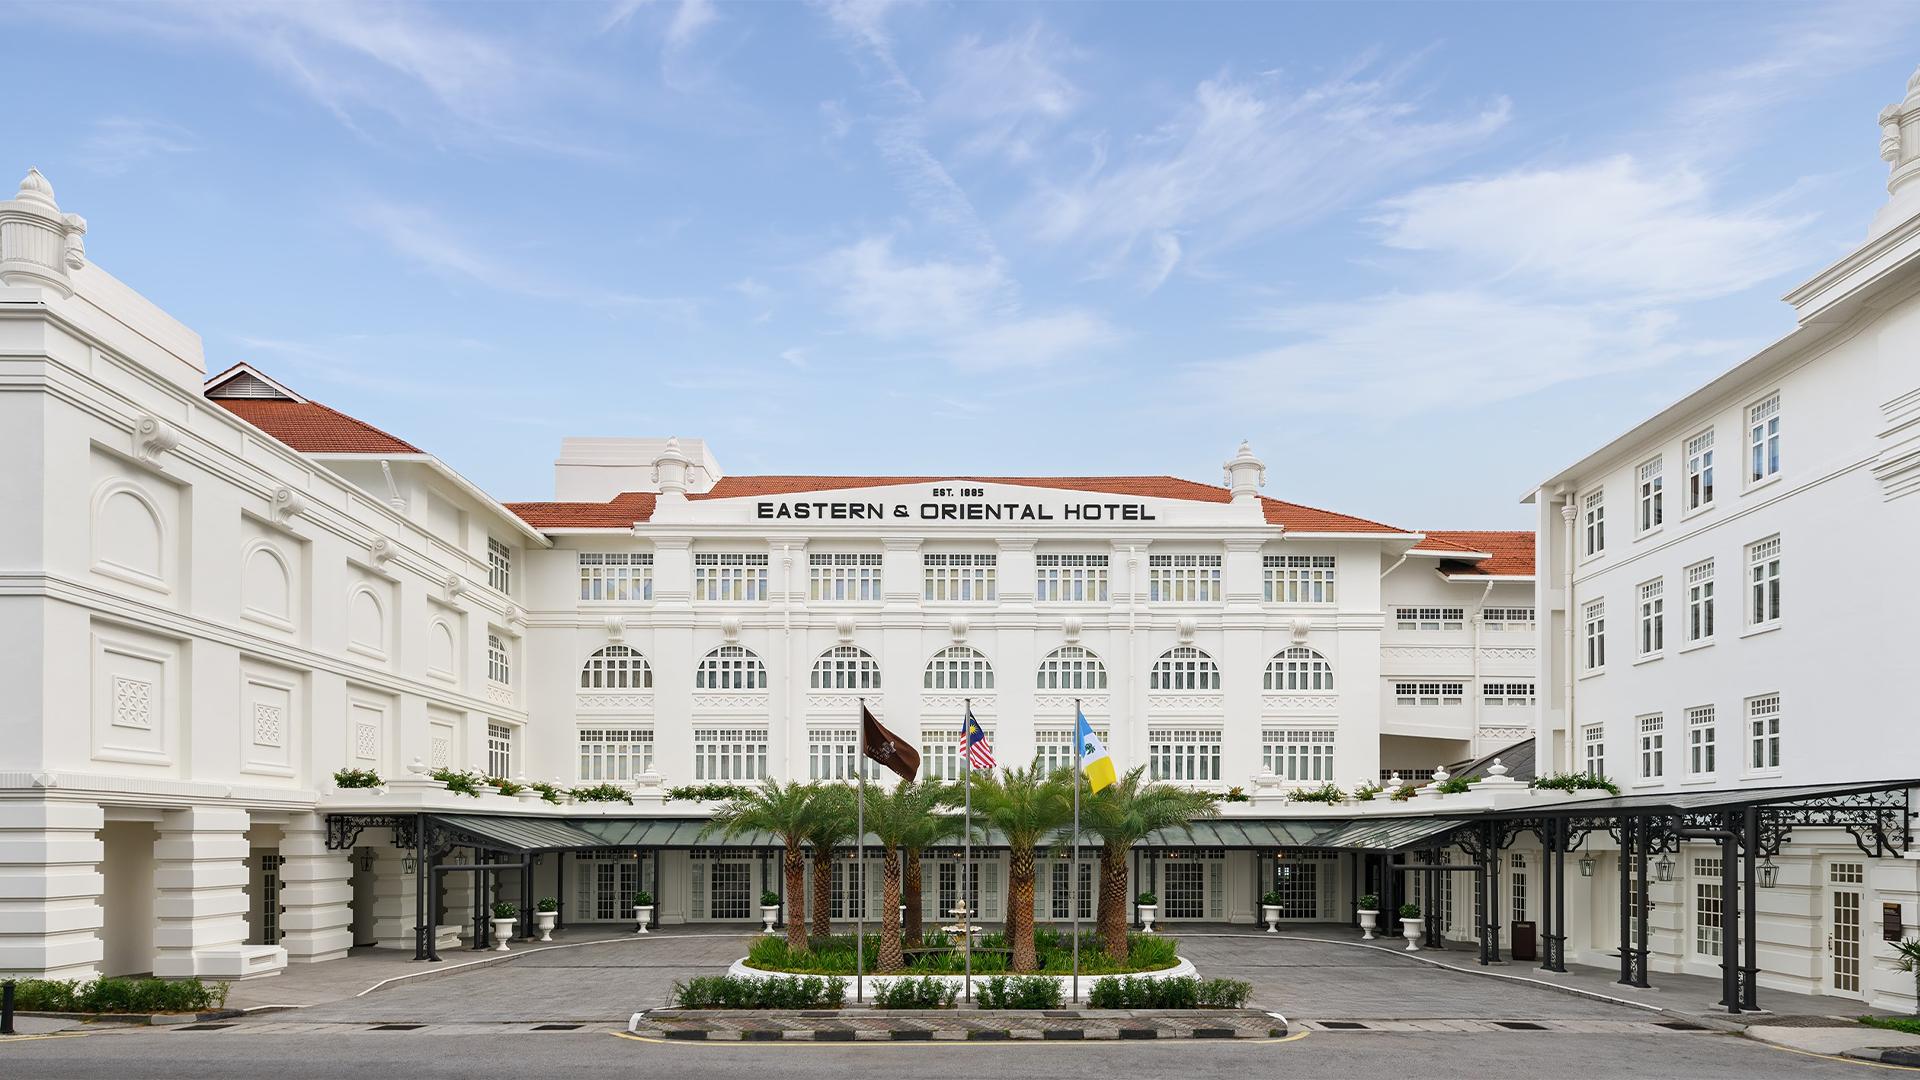 Eastern-&-Oriental-Hotel